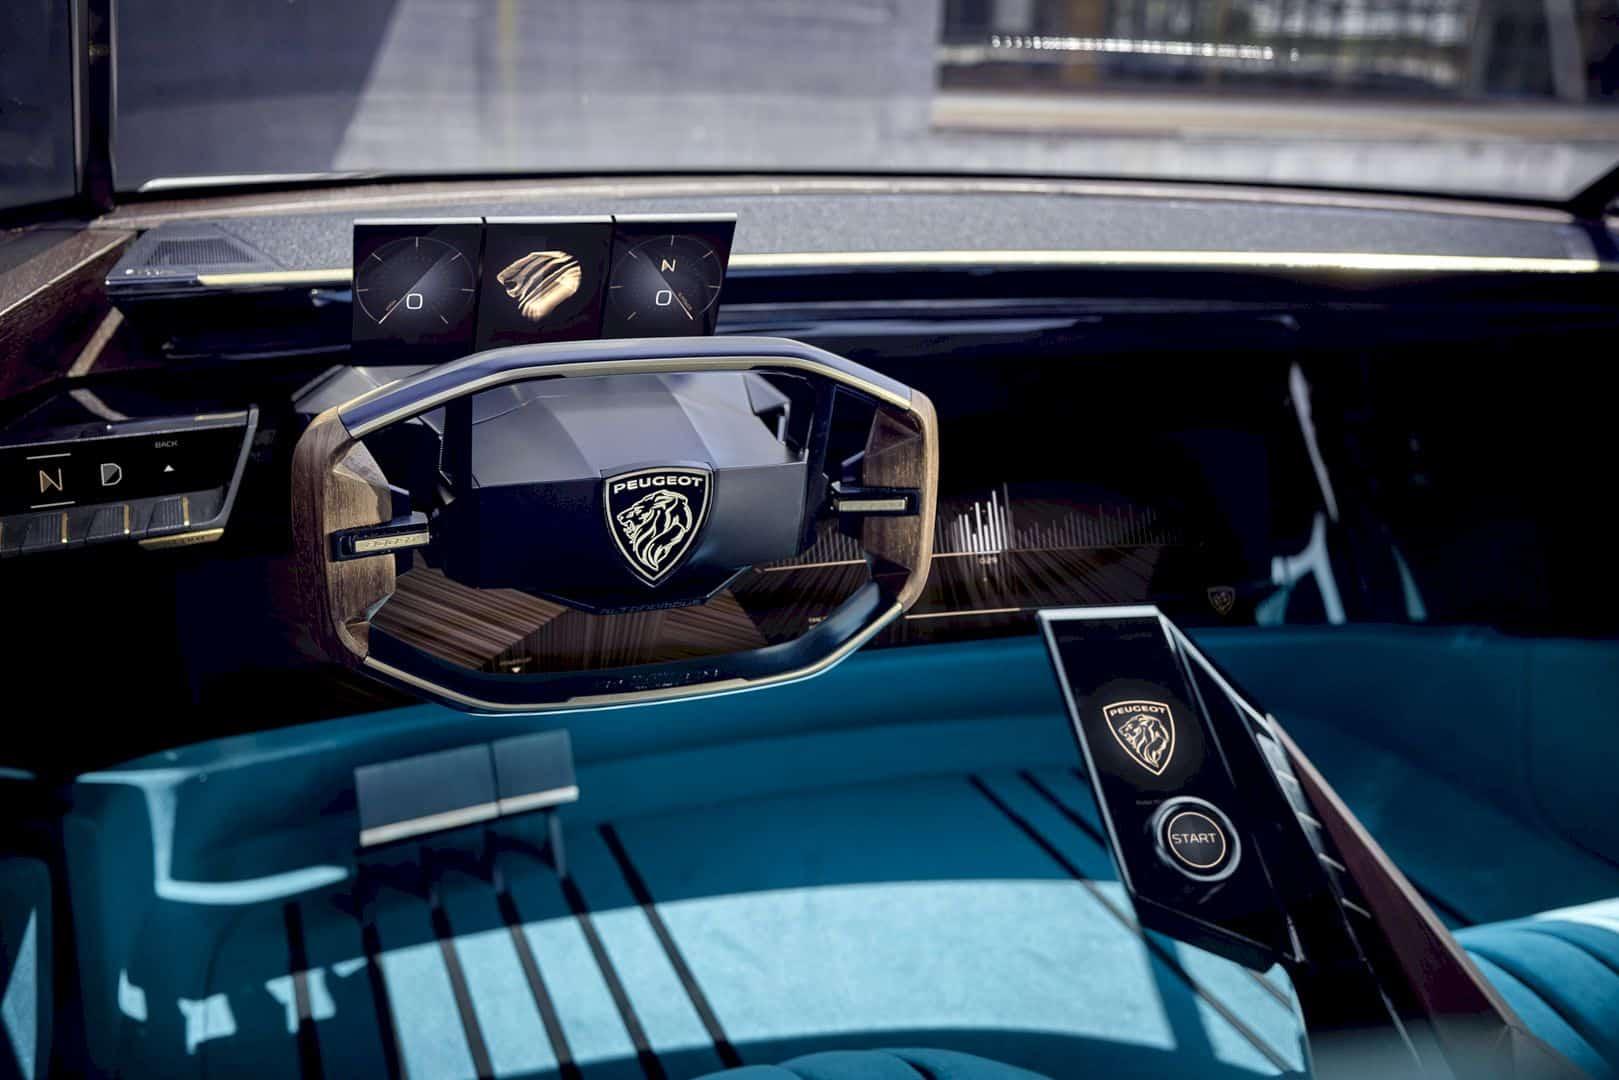 Peugeot E Legend Concept 8